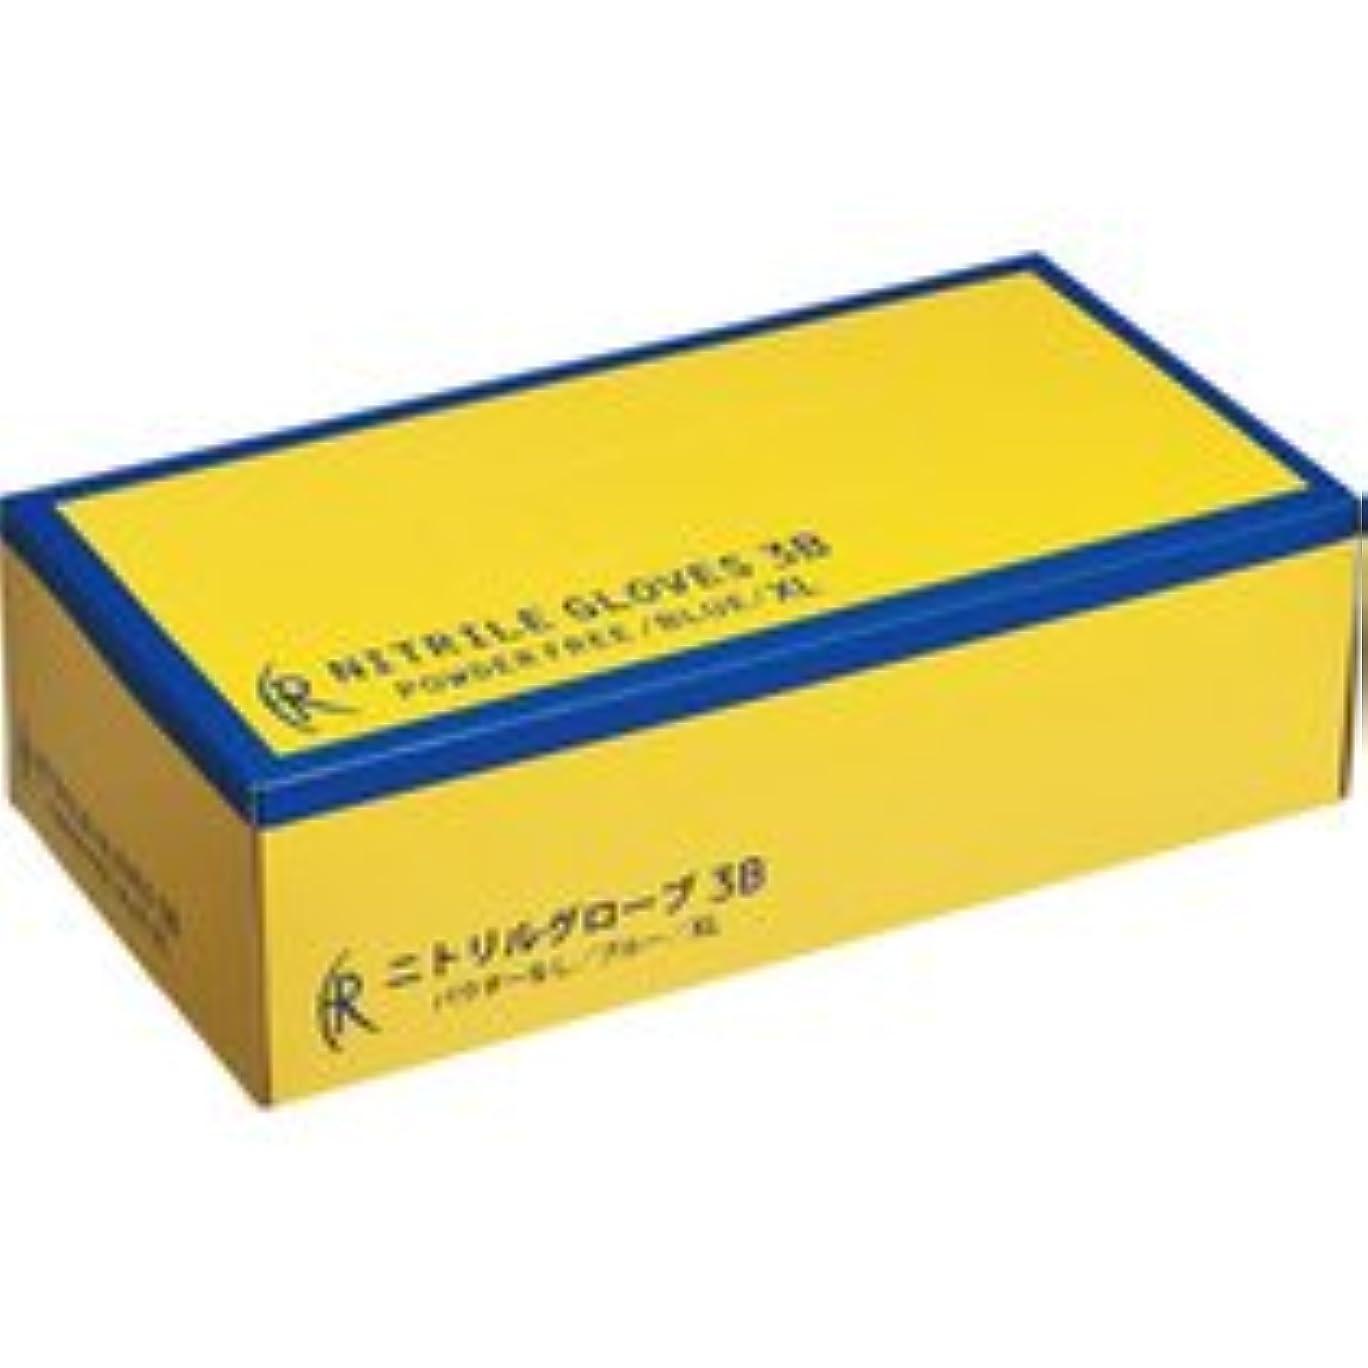 あさり距離の前でファーストレイト ニトリルグローブ3B パウダーフリー XL FR-5664 1箱(200枚)